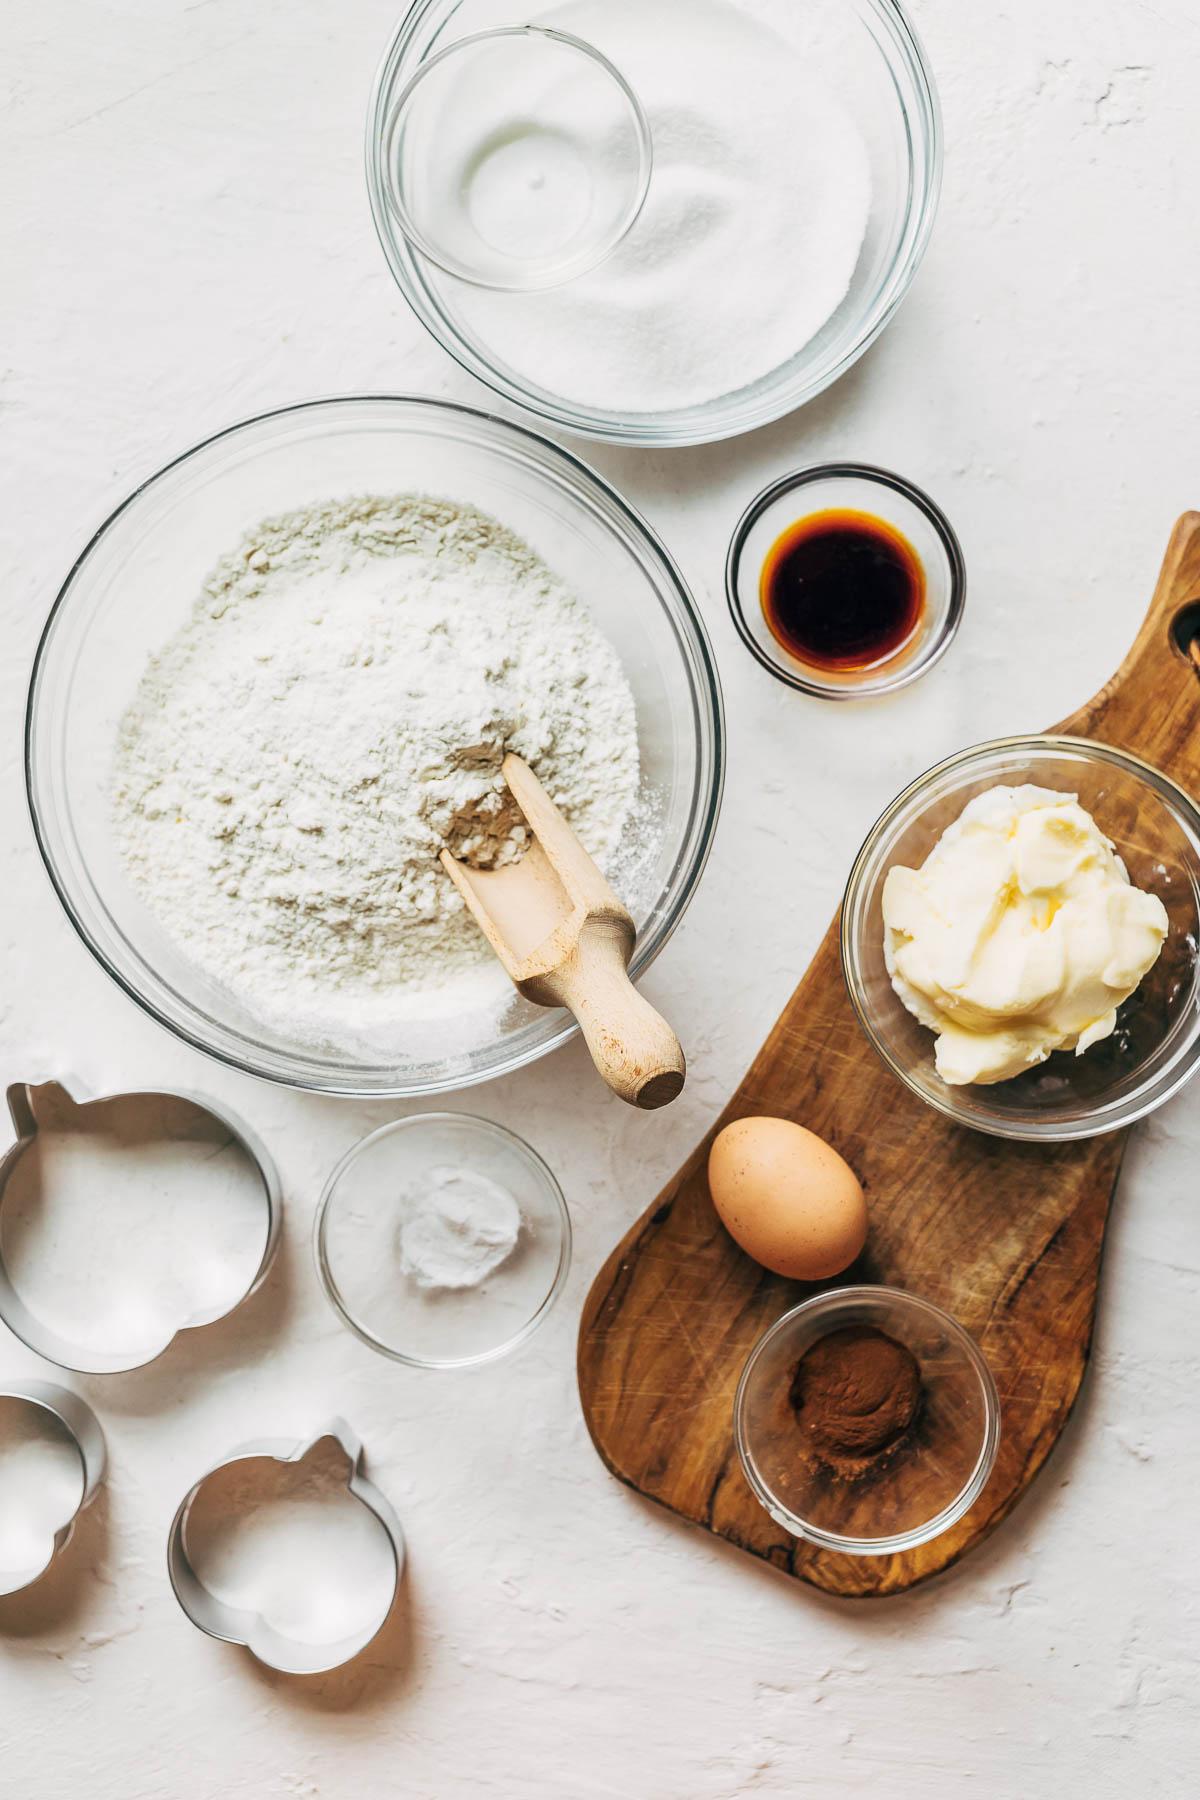 Cinnamon sugar cookie ingredients.